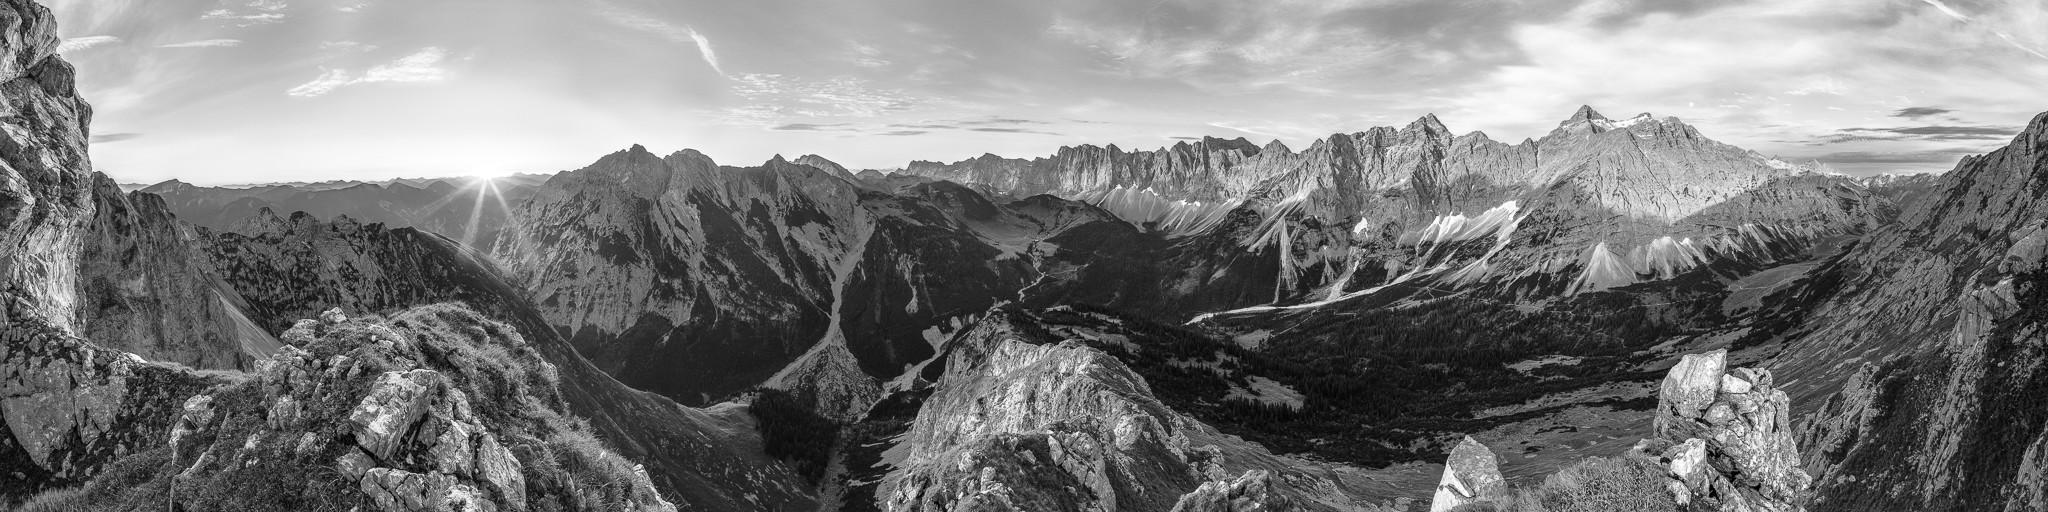 Karwendelgebirge: Der Karwendelhauptkamm mit der Birkarspitze, Kaltwaaserkarspitze, Nördliche Sonnenspitze, Bockkarspitze, Laliderer Spitze mit Herzogkante und Dreizinkenspitze. Ein beeindruckender Anblick. Links die Falkengruppe.